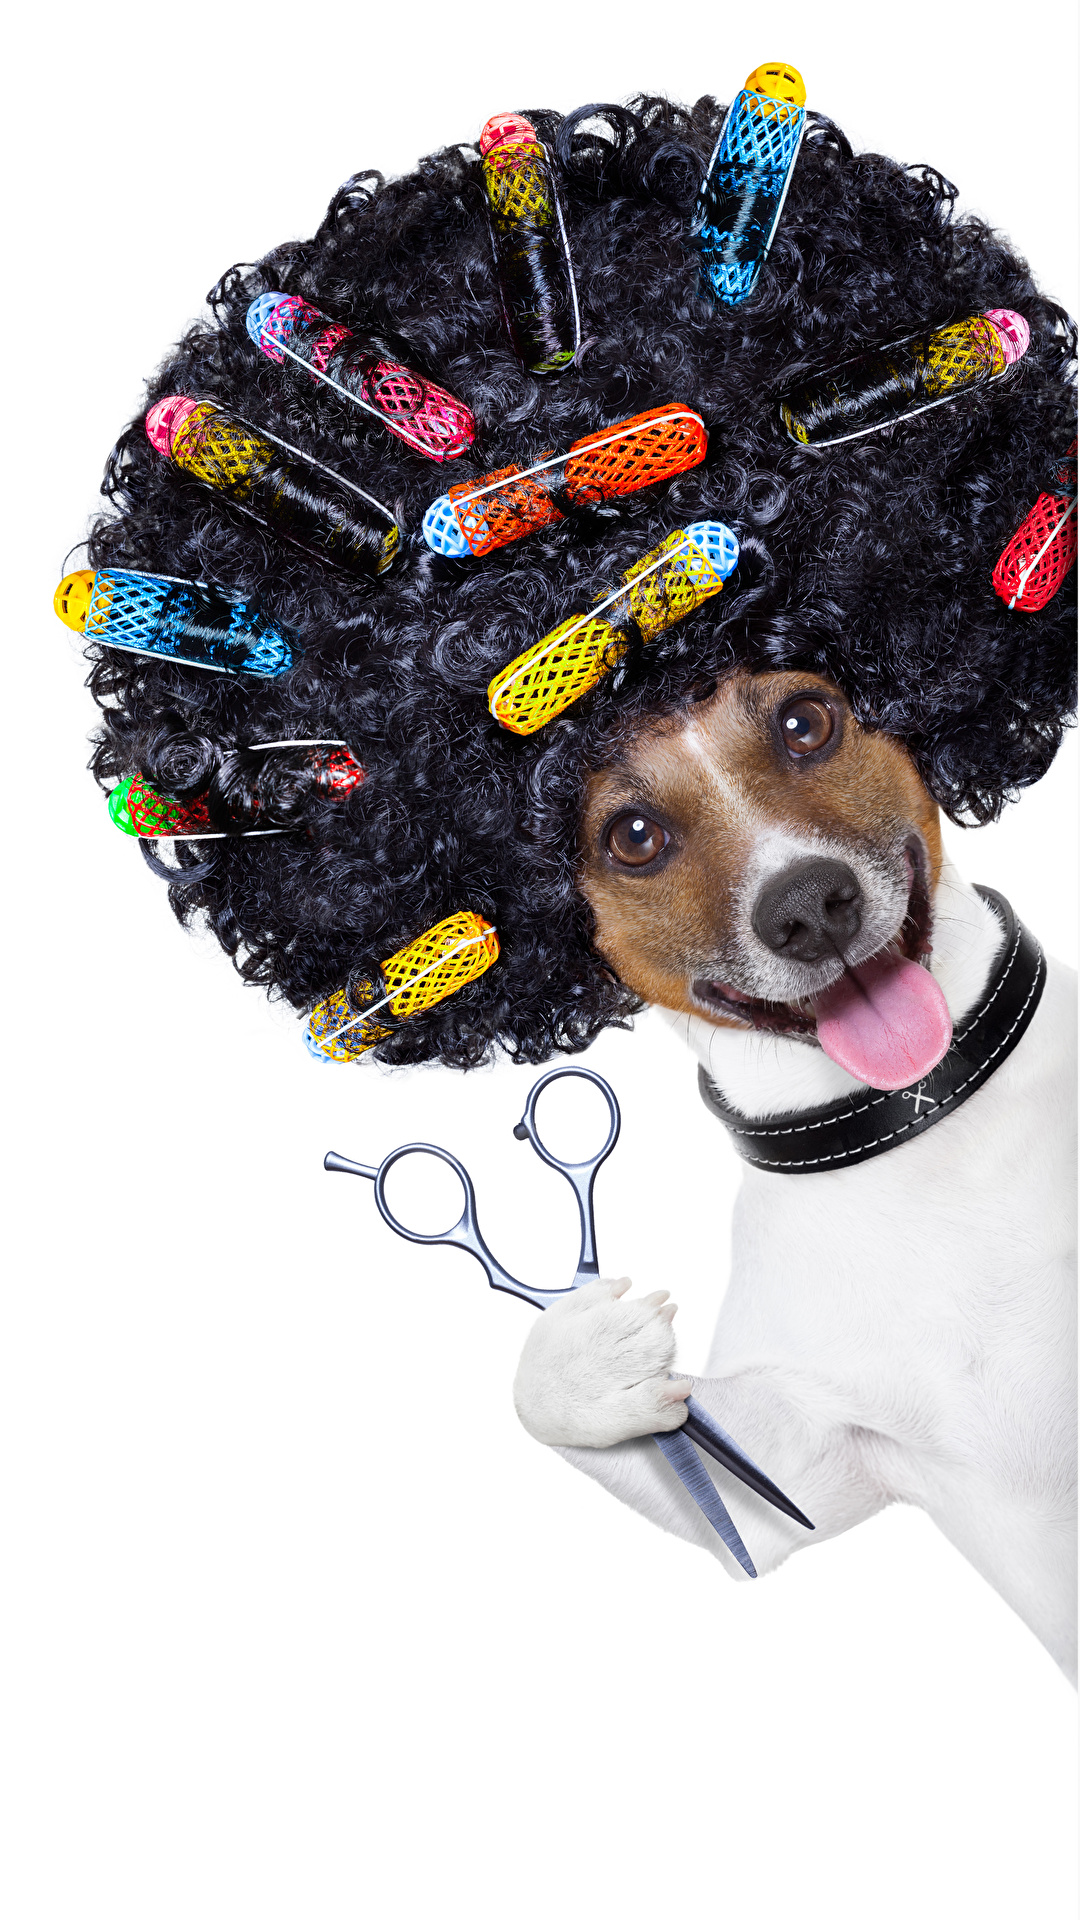 Обои для рабочего стола Причёска Белый фон Собаки Язык (анатомия) волос Джек-рассел-терьер кудри Смешные 1080x1920 для мобильного телефона прически белом фоне белым фоном собака языком Волосы смешной смешная забавные Кудрявые